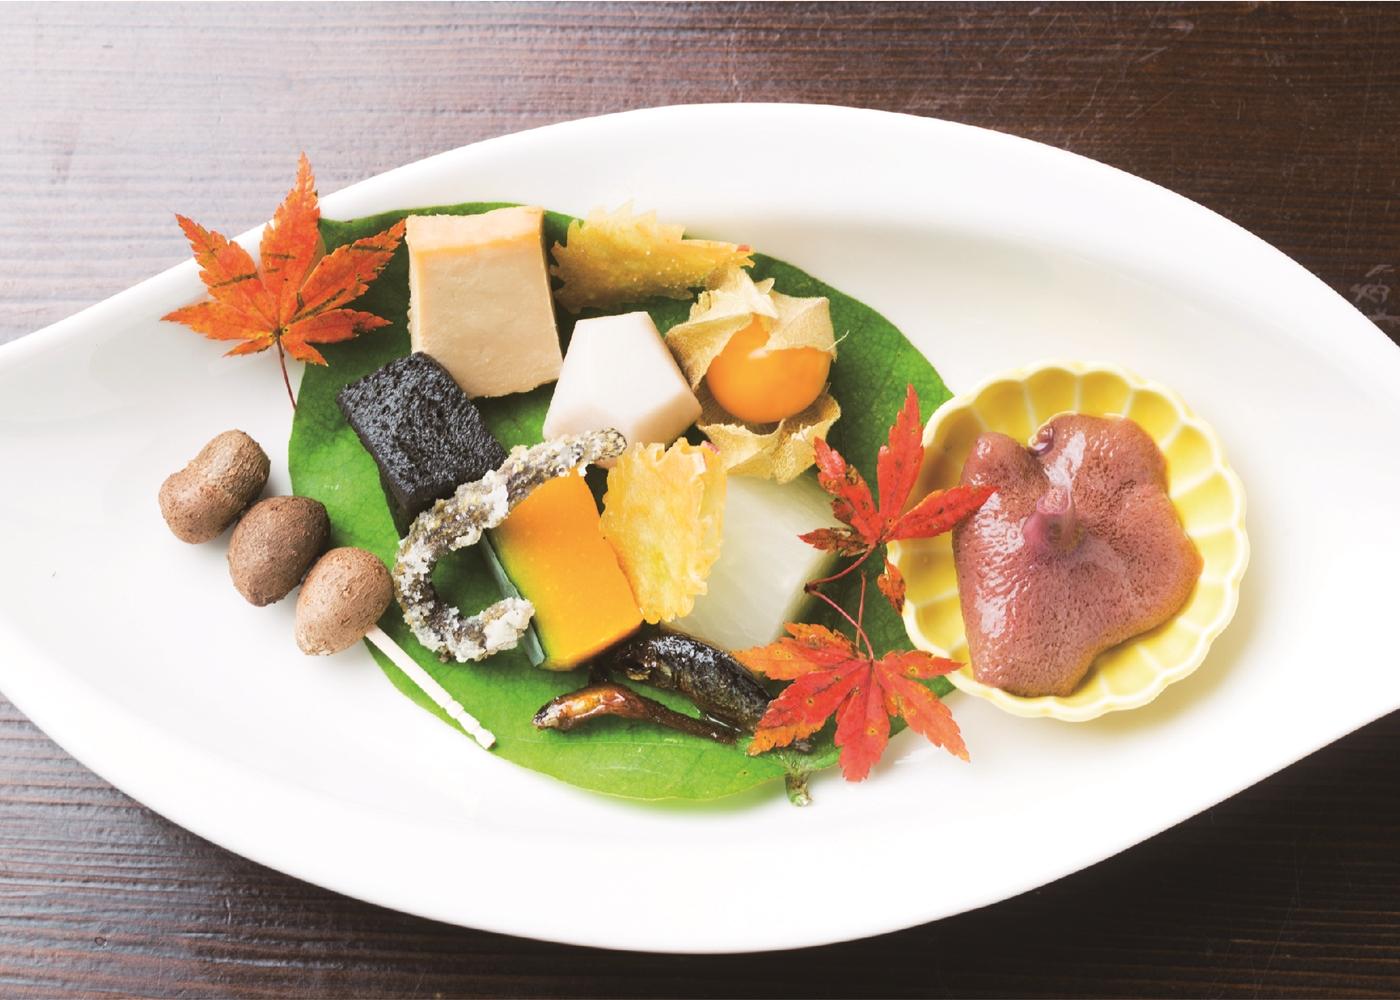 全国の美食家が注目する、話題が絶えない人気店「摘み草料理 かたつむり」